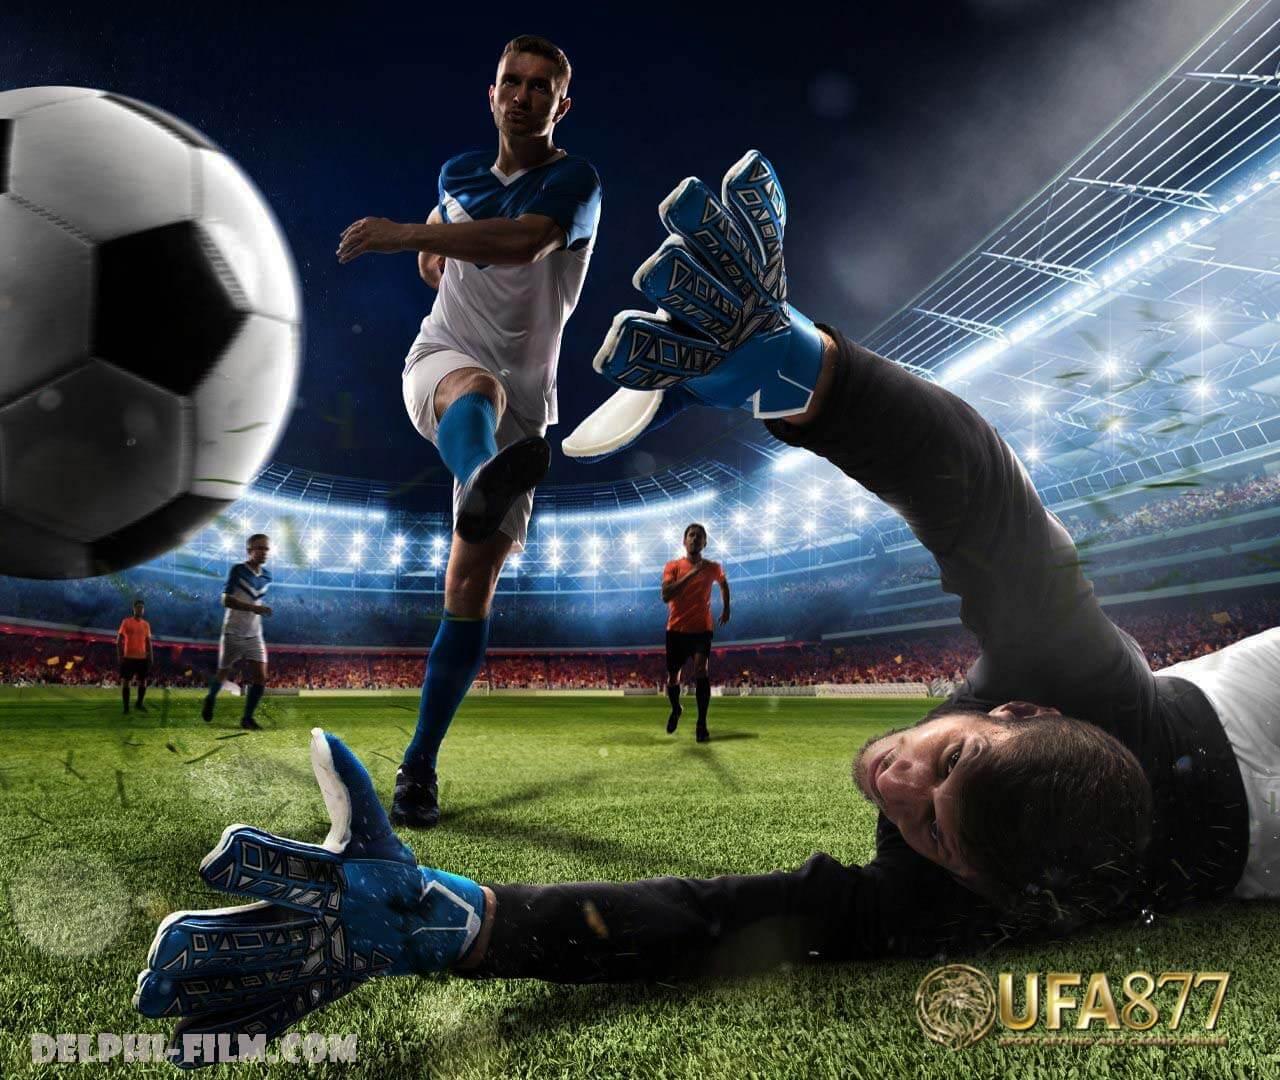 เว็บแทงบอล ที่ดีที่สุด เป็นอย่างไร ในตอนนี้มีเว็บแทงบอลมากมายถูกสร้างขึ้นเพื่อตอบสนองให้กับนักพนันที่ชื่นชอบความสะดวกสบาย แต่ก็อยากจะลงทุน